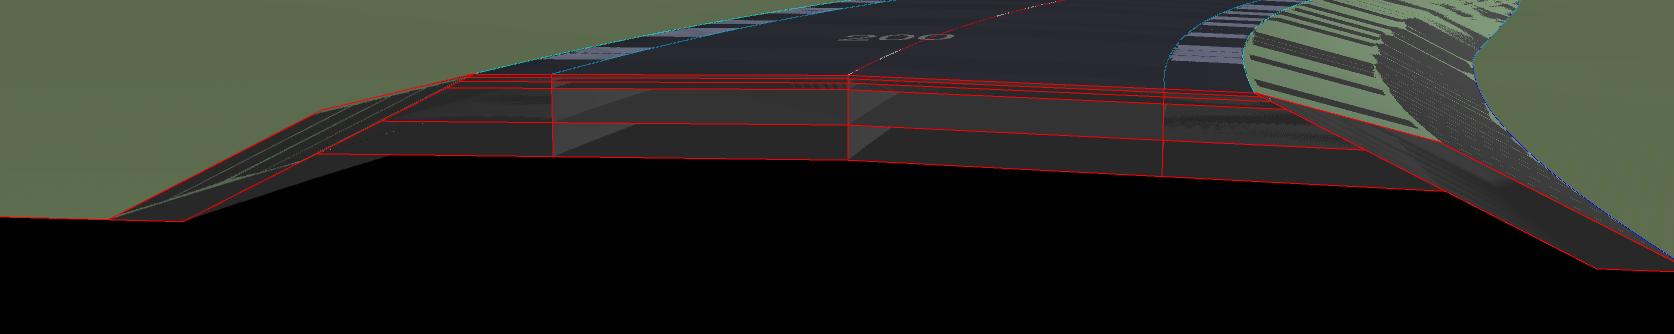 21 SEP 14 Navisworks Views for Civil 3D 2 screen shot